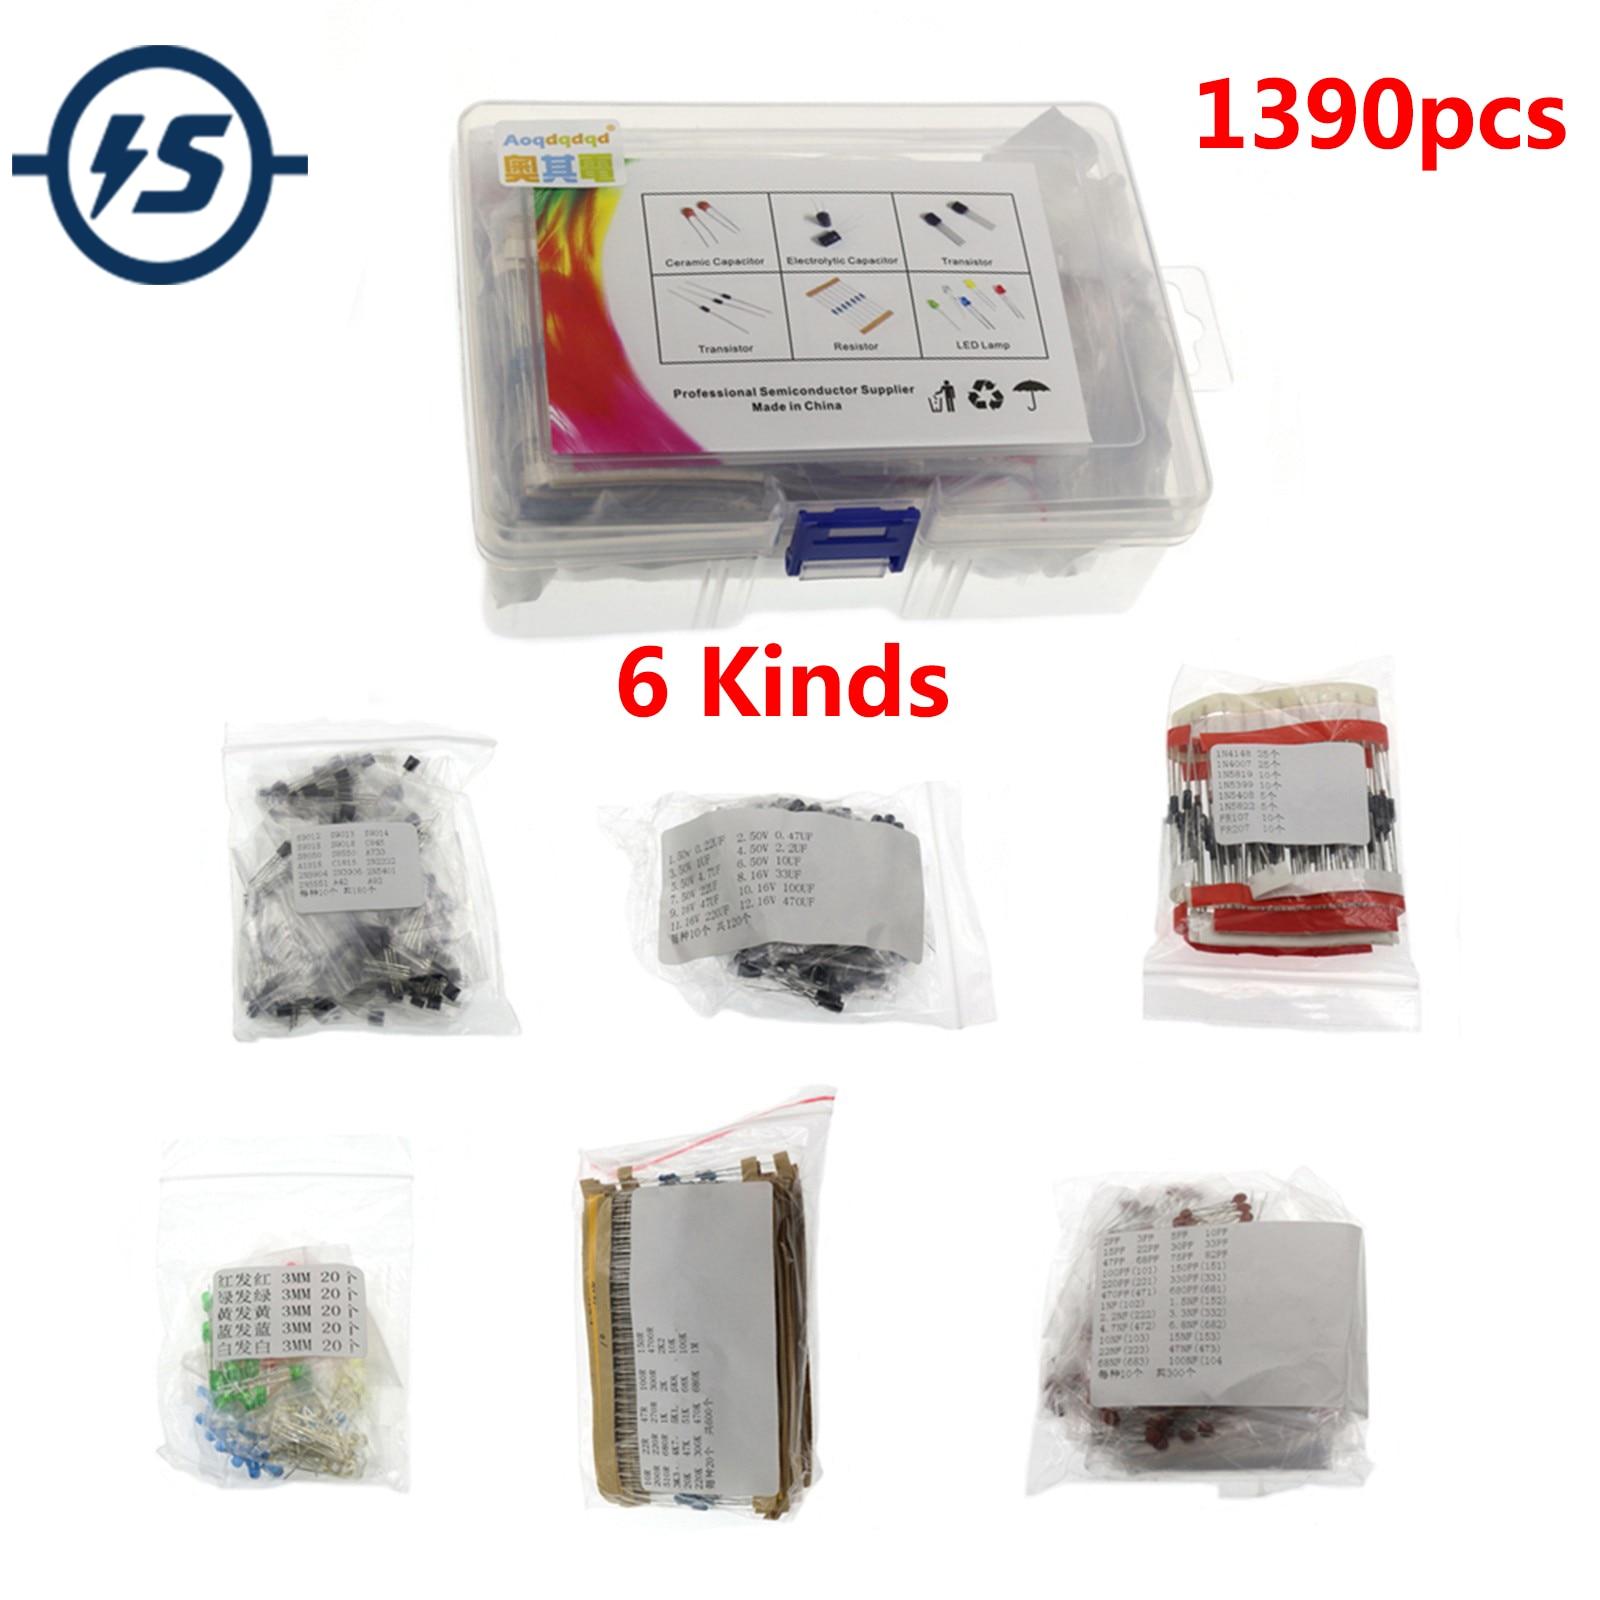 1390 قطعة 6 أنواع من مكونات حزمة محاصر المقاوم كهربائيا/السيراميك مكثف LED صمام ثلاثي